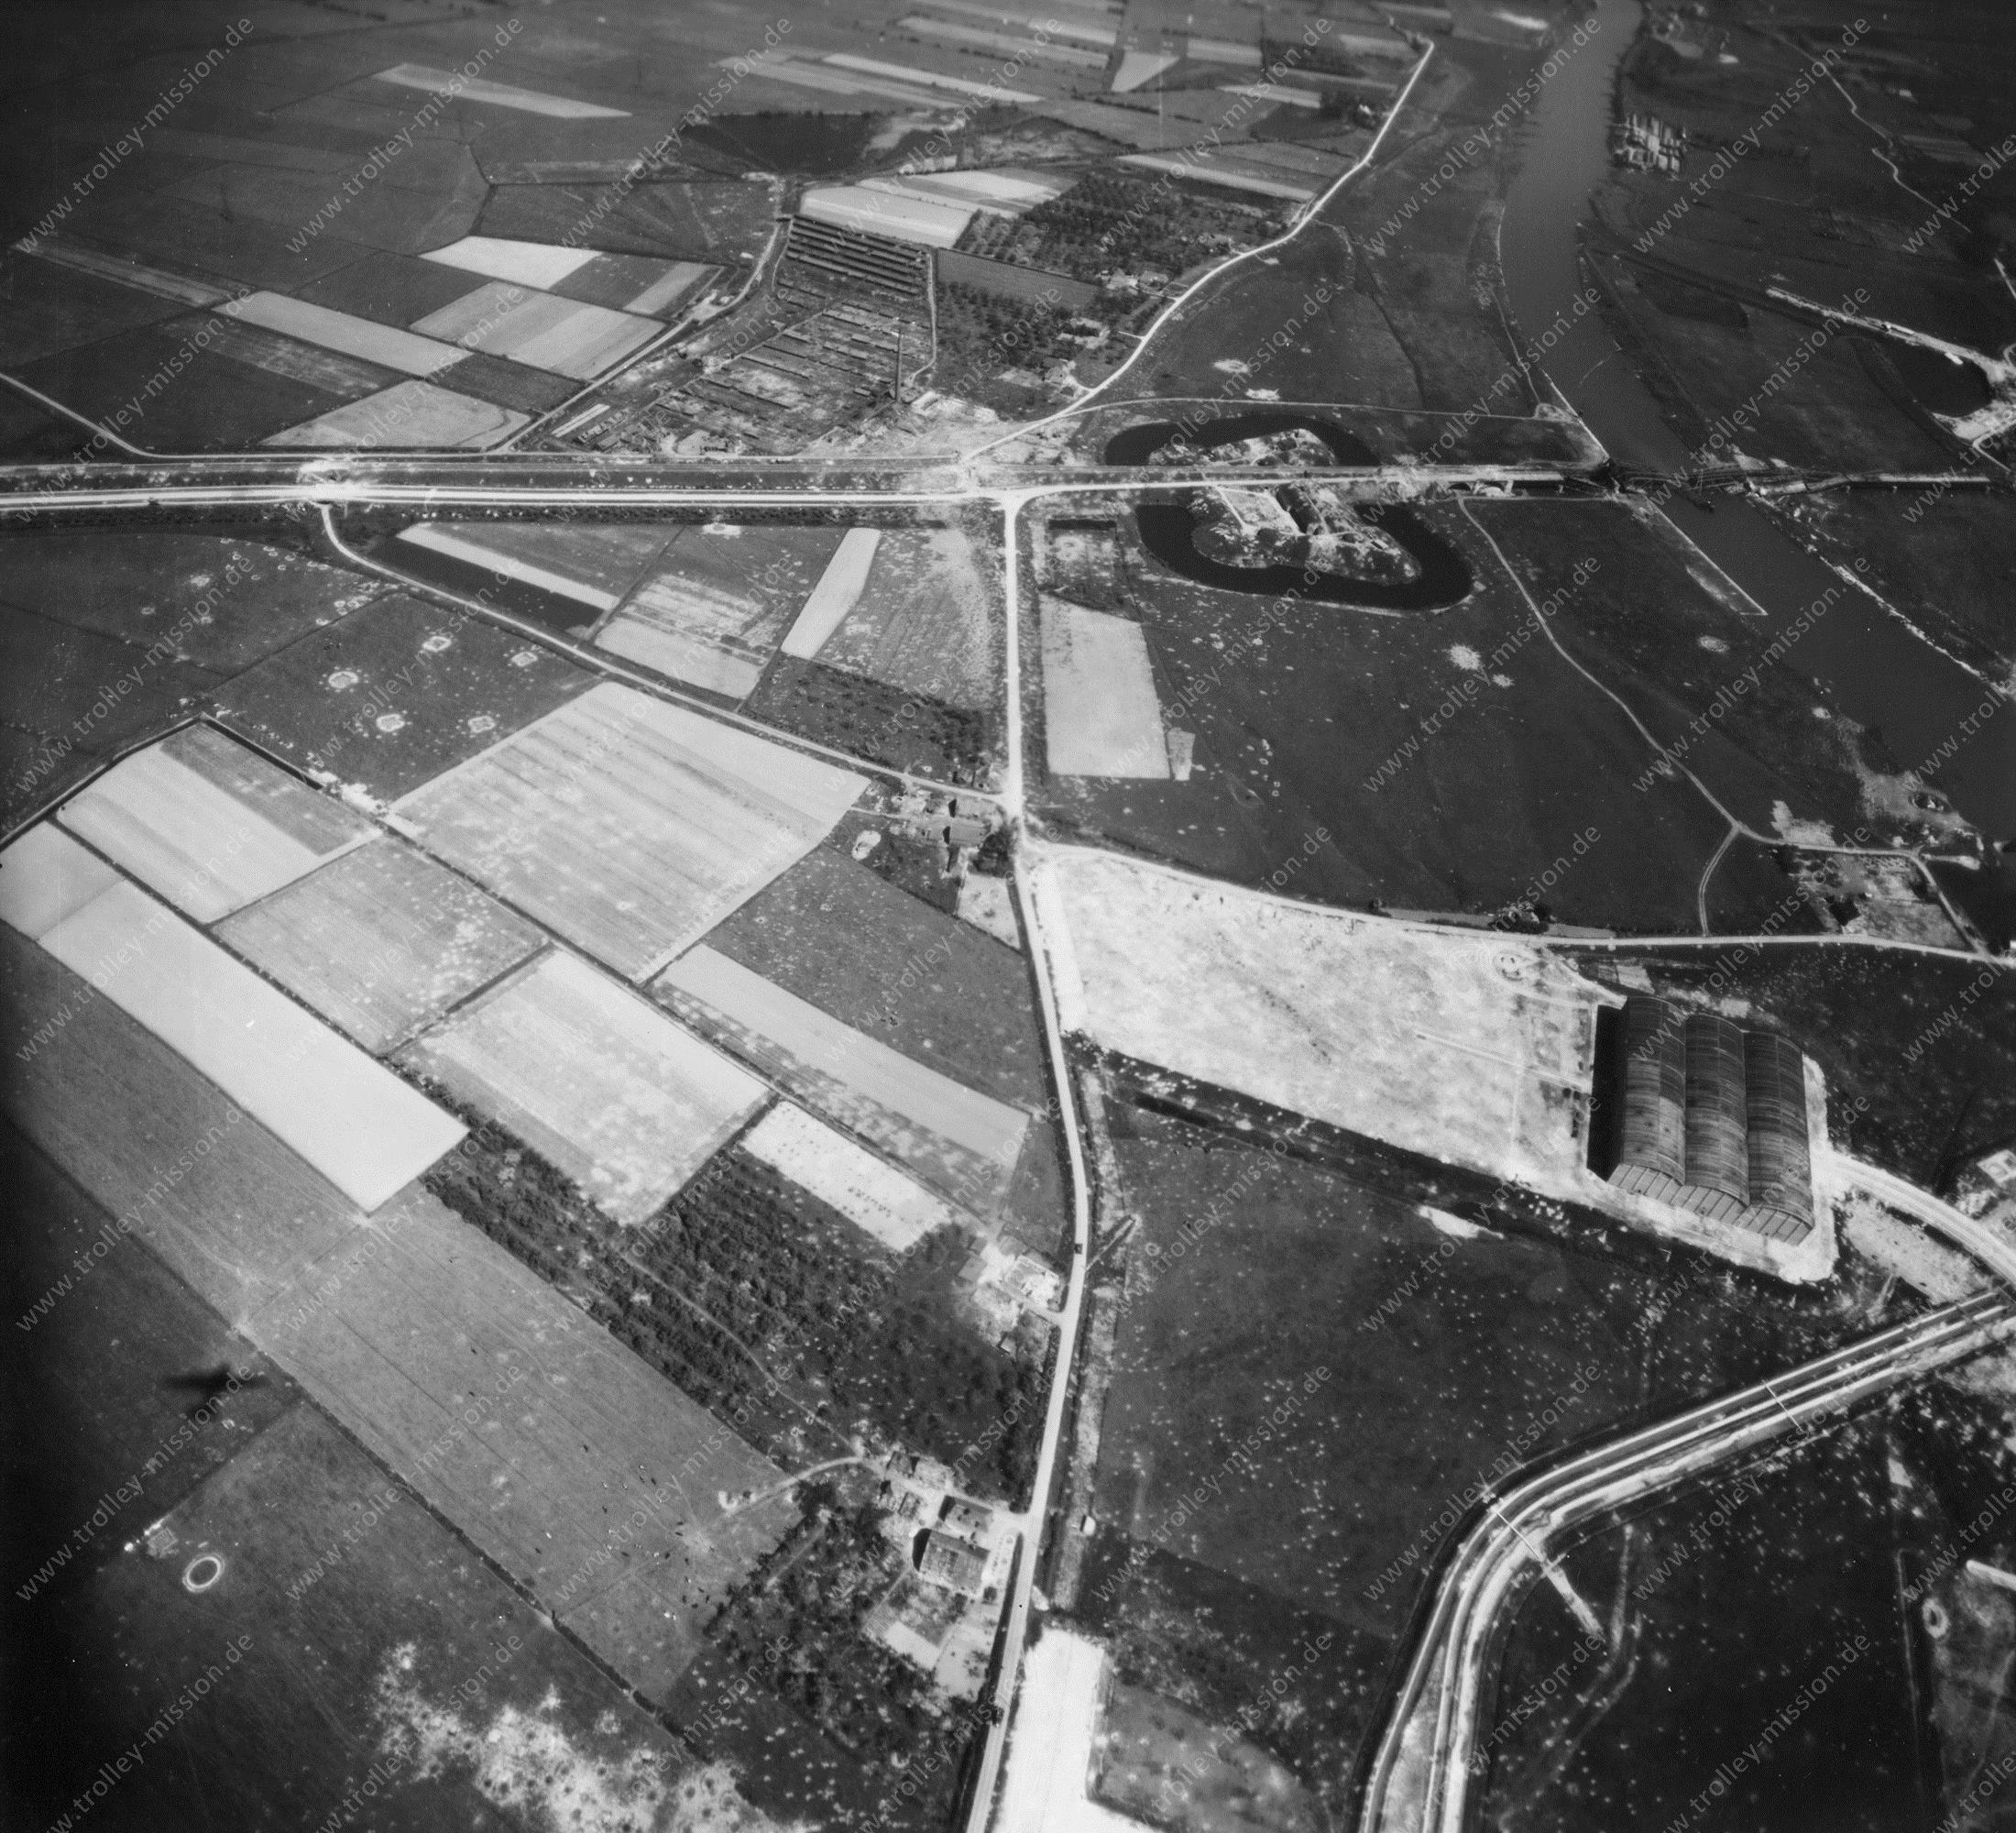 Arnhem Nieuwe Haven (Luchtfoto 5/5) - Kleefse Waard - Foto uit de Tweede Wereldoorlog